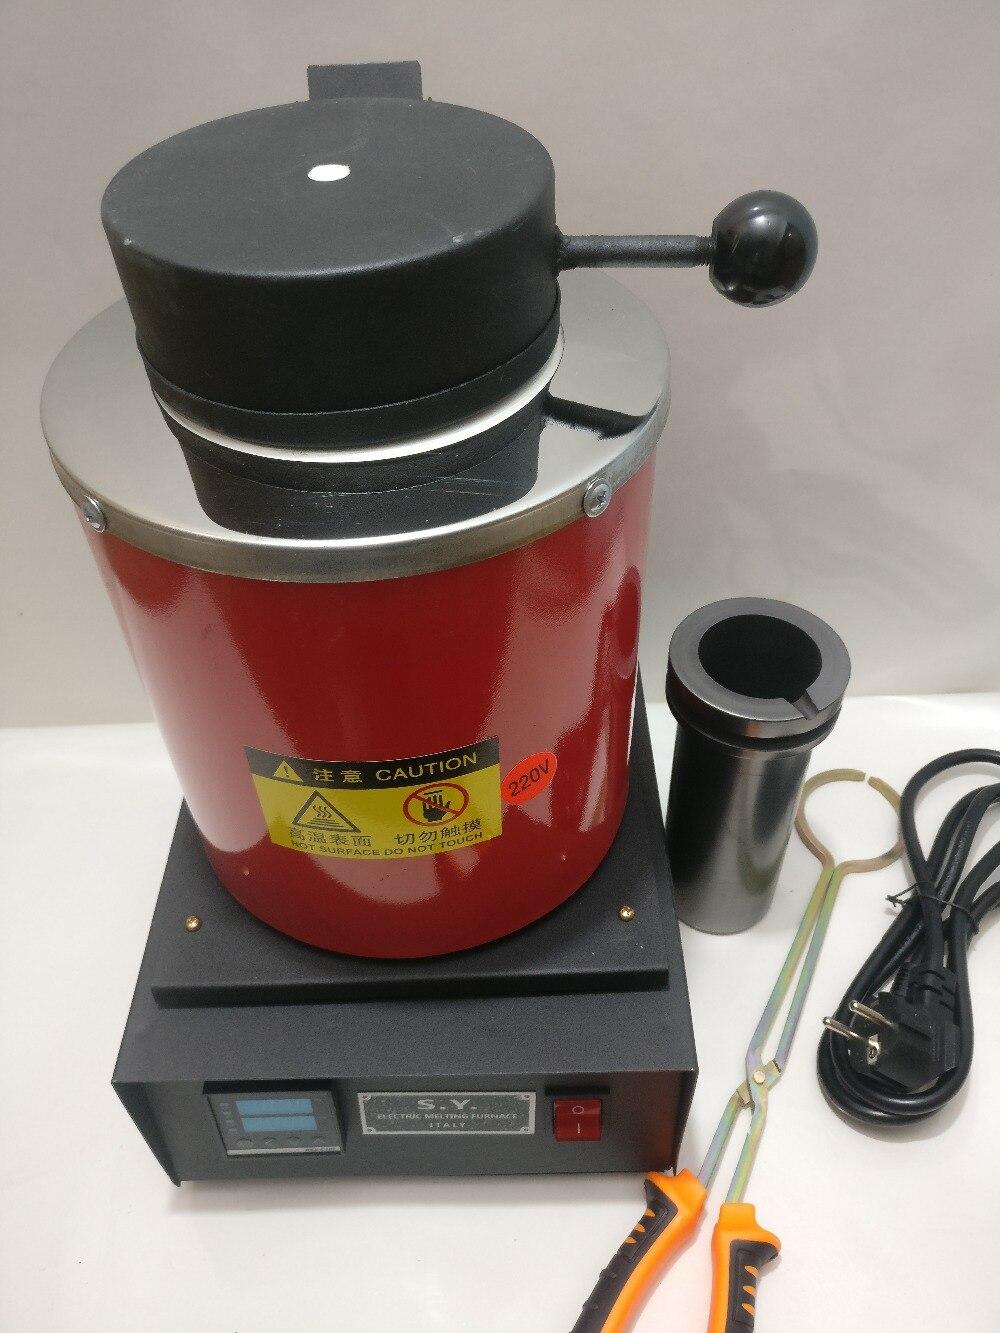 110 В/220 В, ювелирные изделия melter, электрический плавильной печи золото и серебро плавильная печь с емкостью 2 кг, латунь плавки машины joyeri